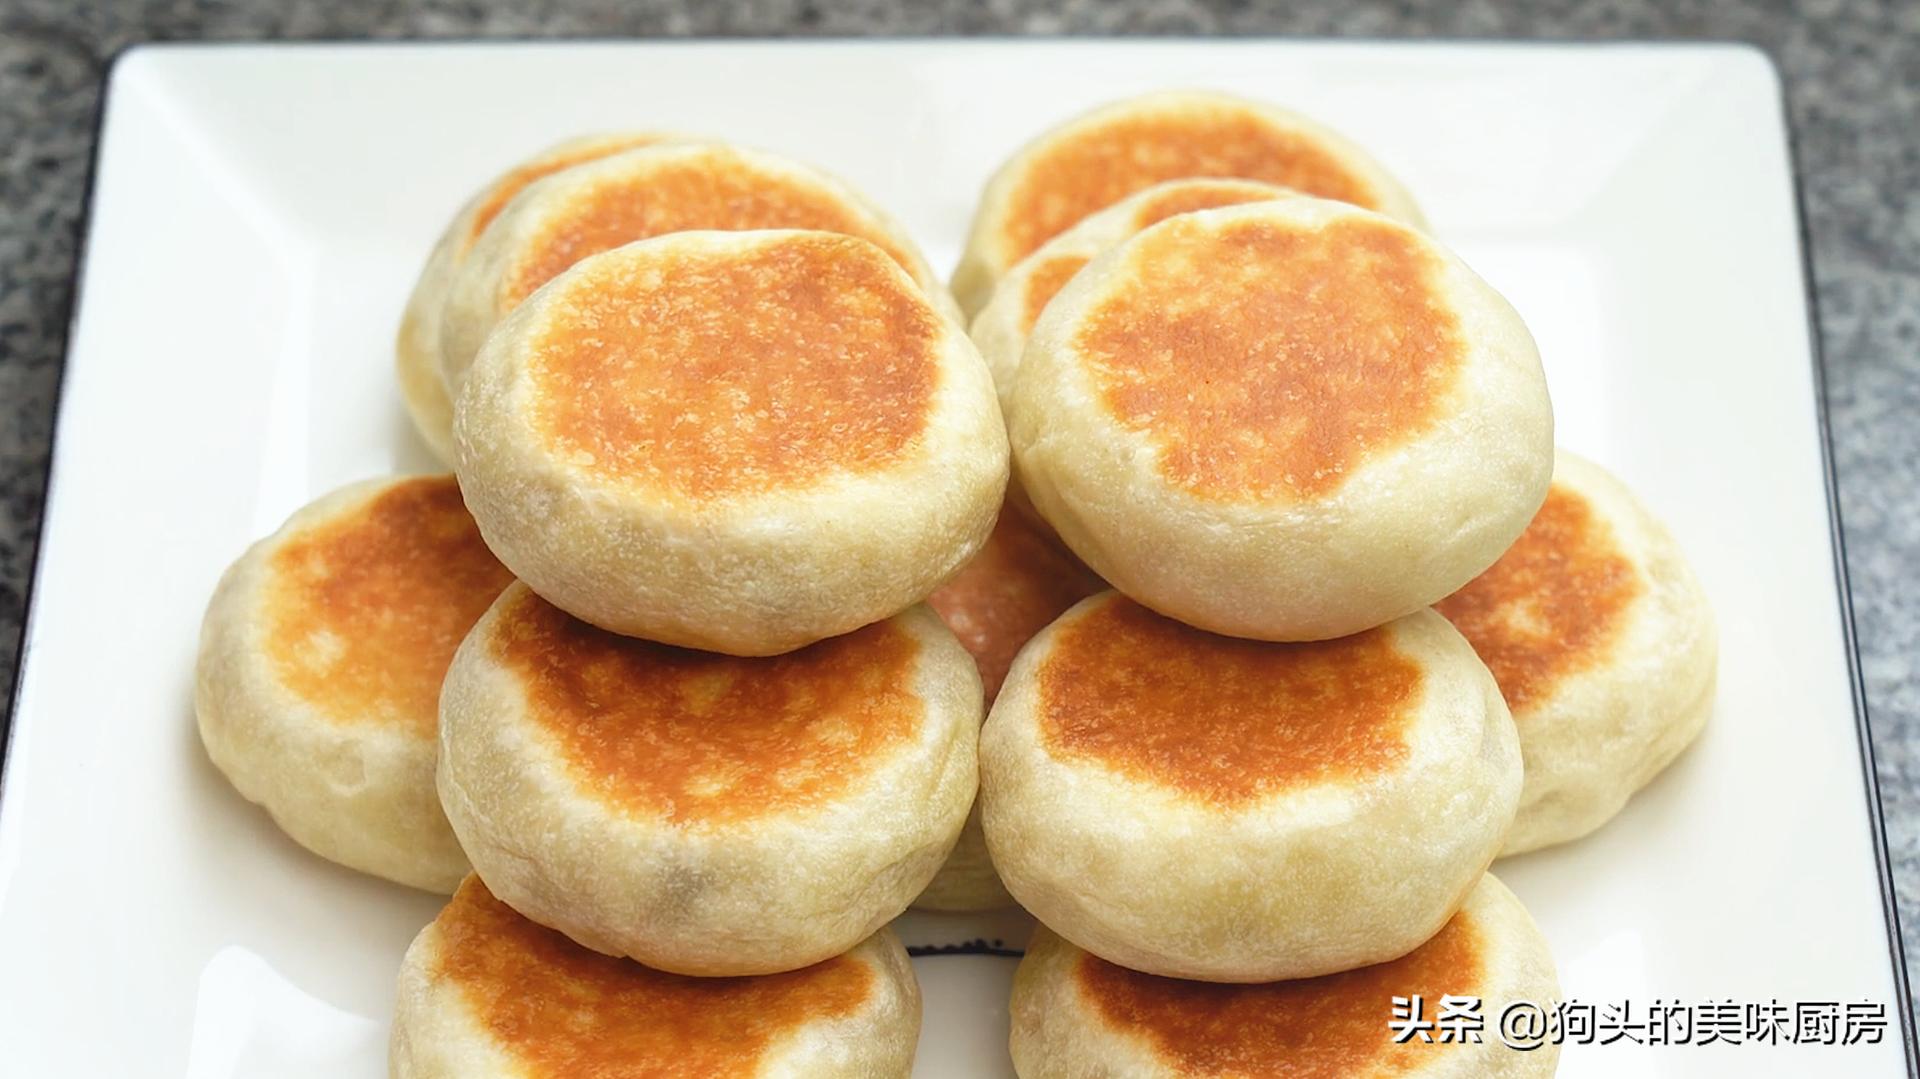 不做酥皮不用烤箱就能做的绿豆饼,清甜不油腻,比外面买的还好吃 美食做法 第1张